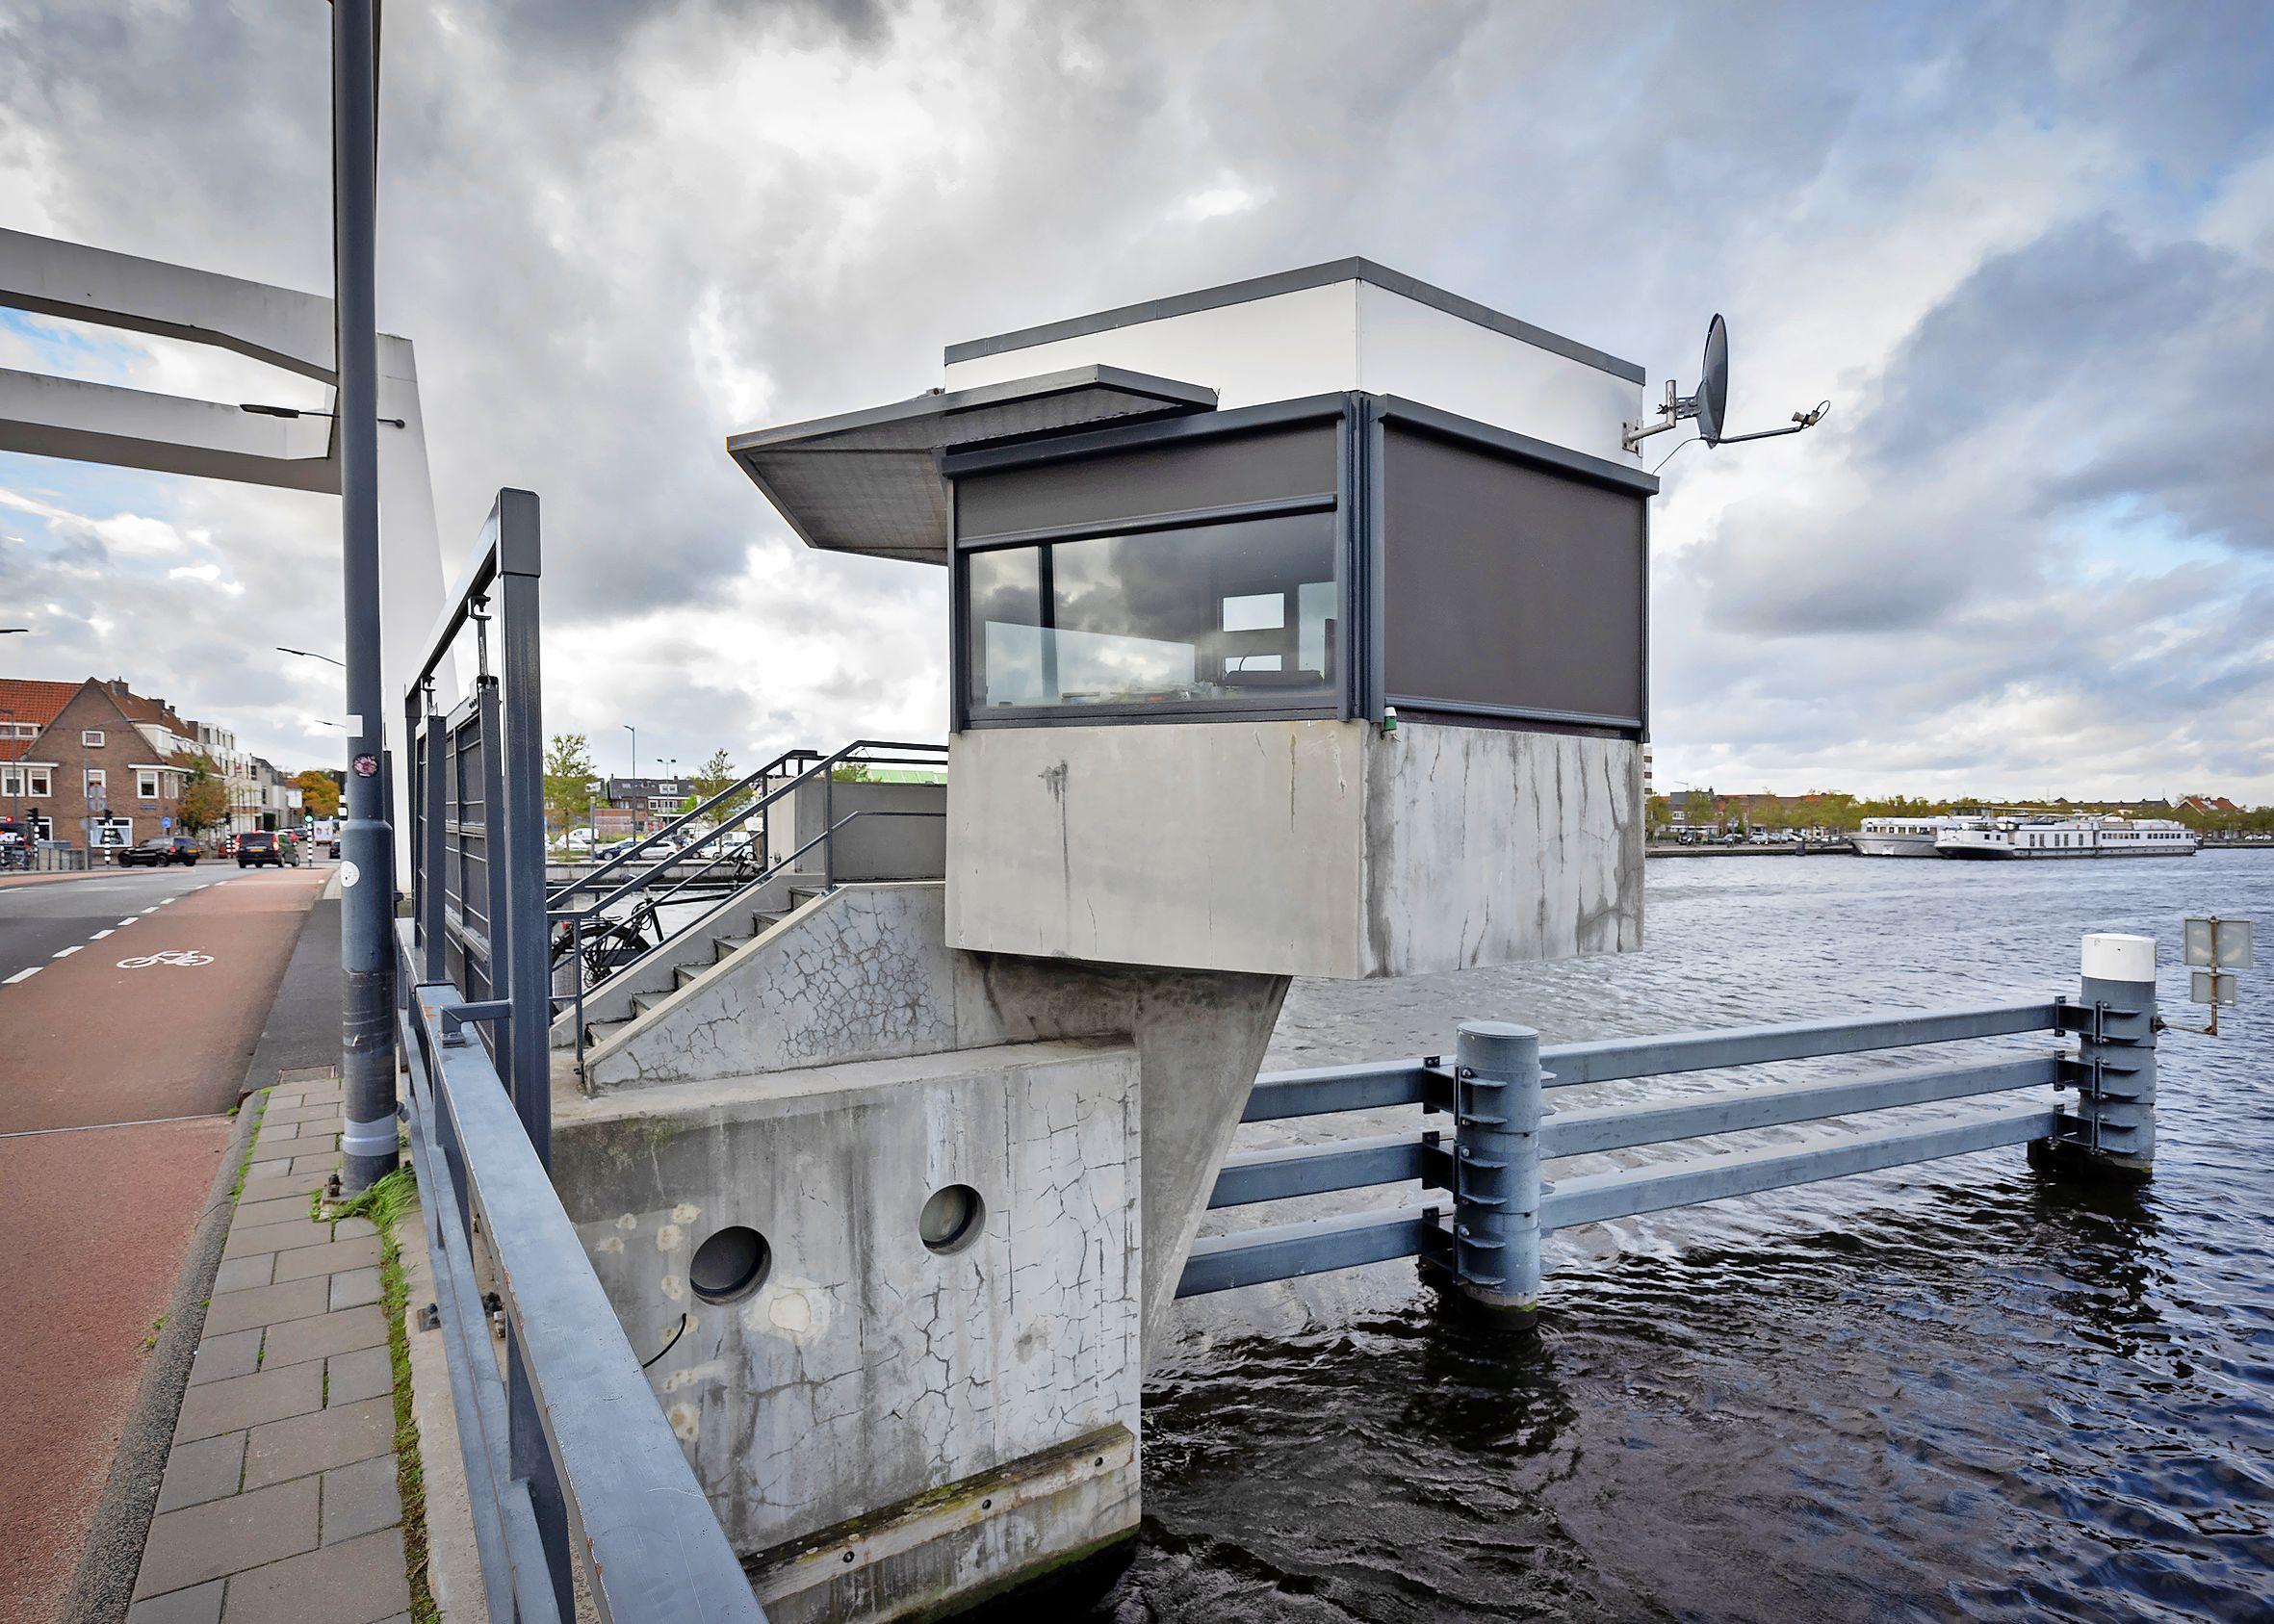 Haarlemse bruggen niet meer op locatie bediend: Ondanks eerdere kritiek stemt meerderheid voor